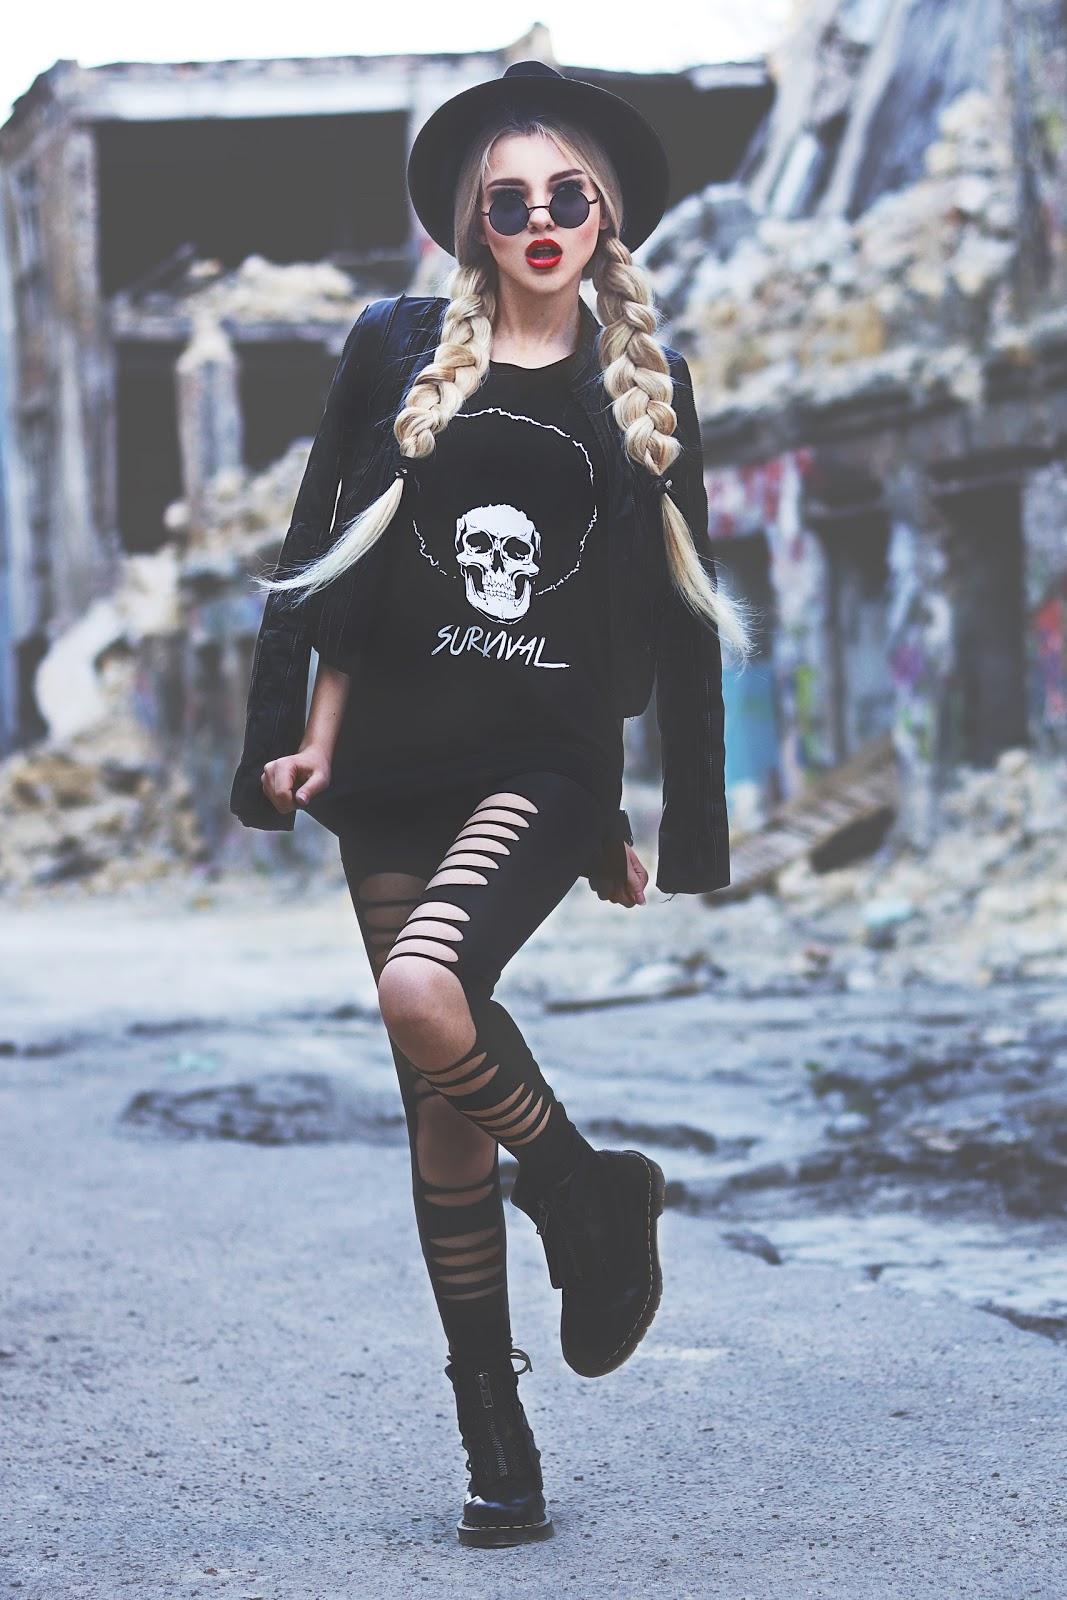 fashion blogger, grunge style, grunge looks, ukrainian fashion blogger